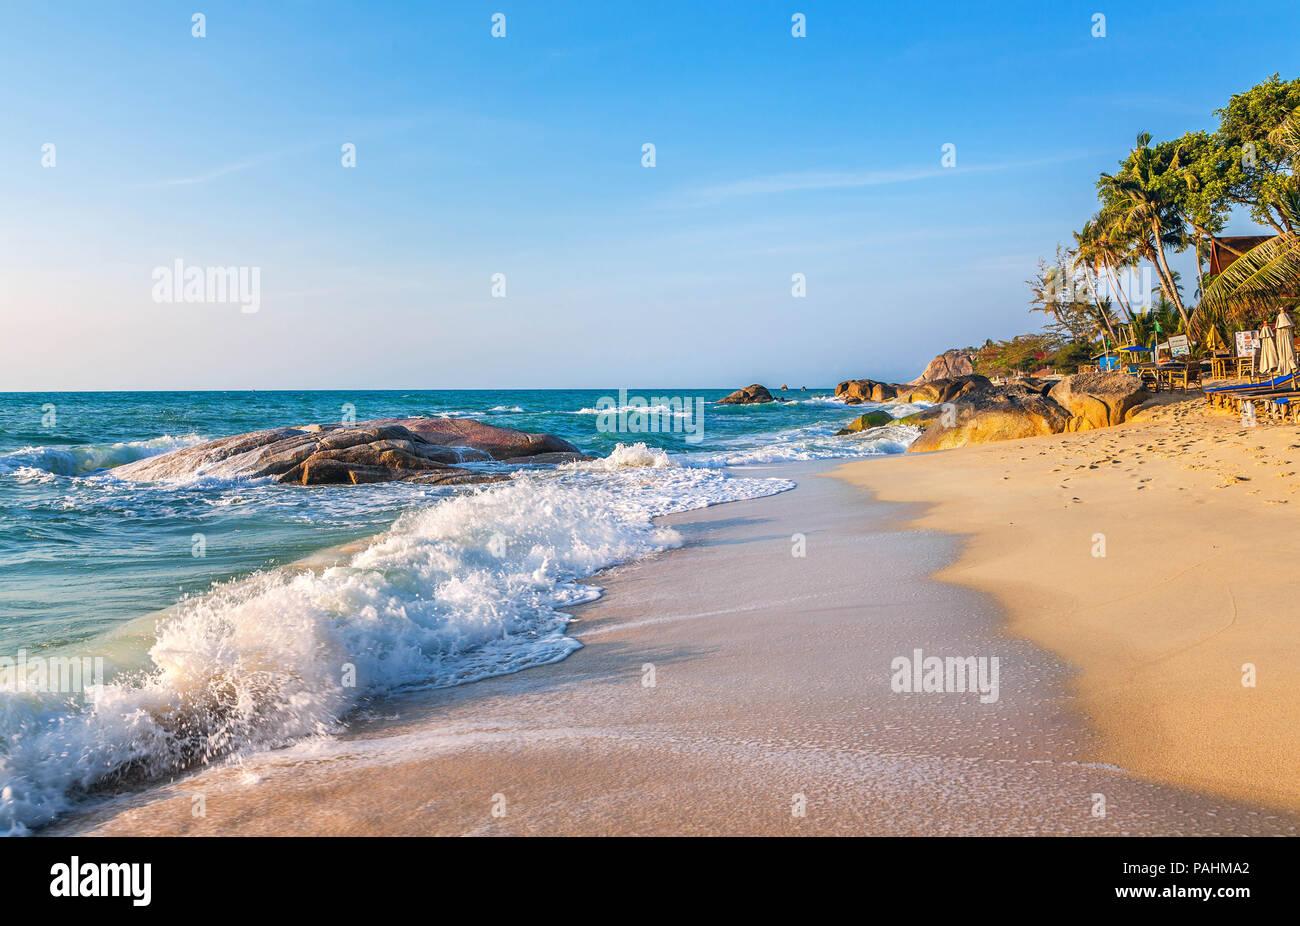 Lever du soleil sur la plage de Lamai à Koh Samui en Thaïlande. Photo Stock